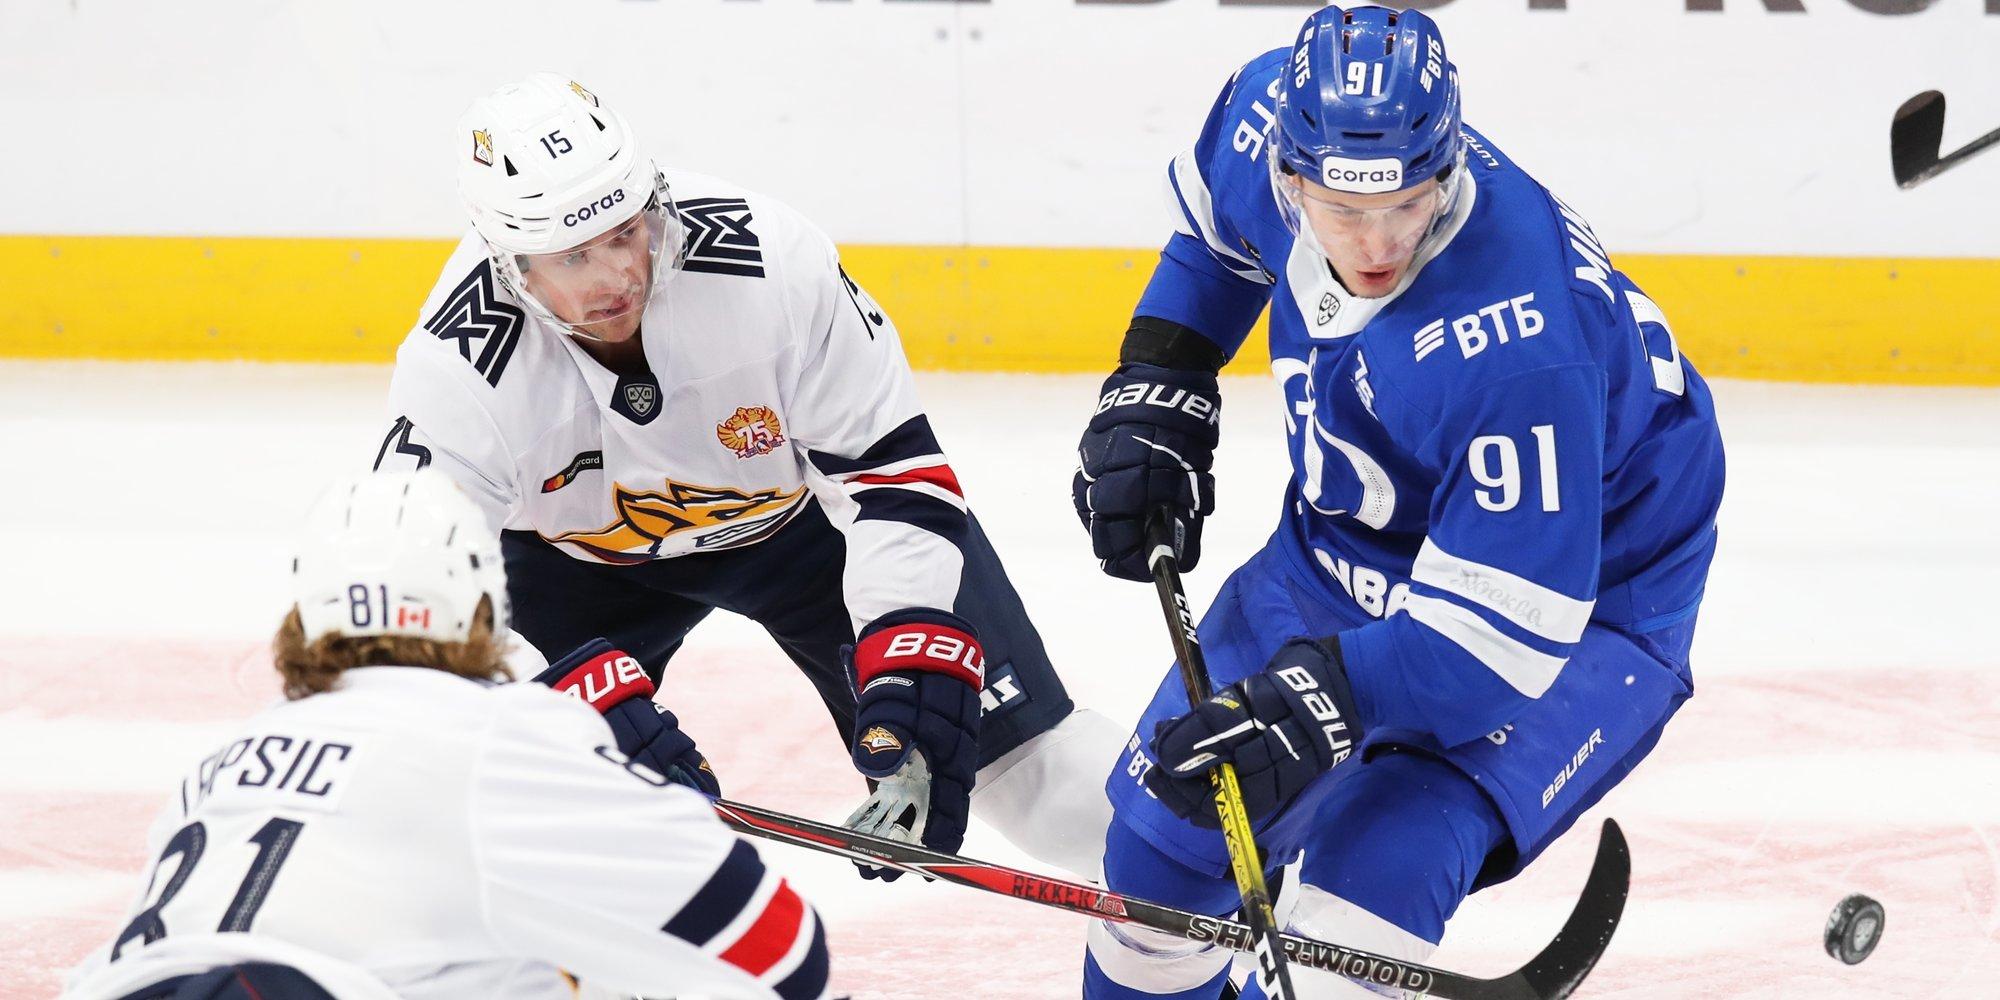 Четыре очка Голдобина принесли «Металлургу» победу над «Динамо» в матче лидеров конференций КХЛ